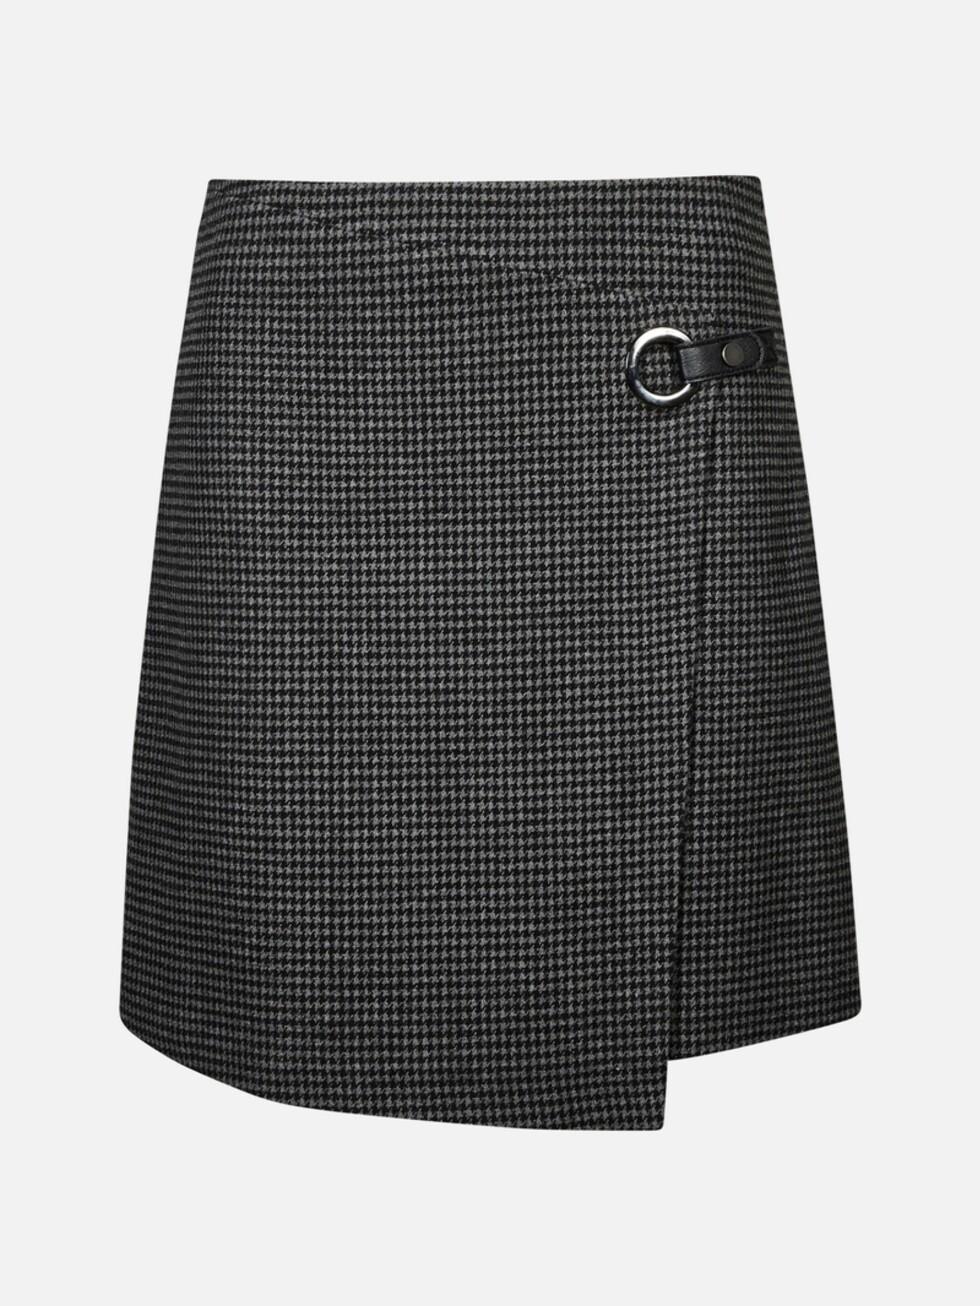 Skjørt fra Cubus |299,-| https://cubus.com/no/skirts/skjort/7204045_F950